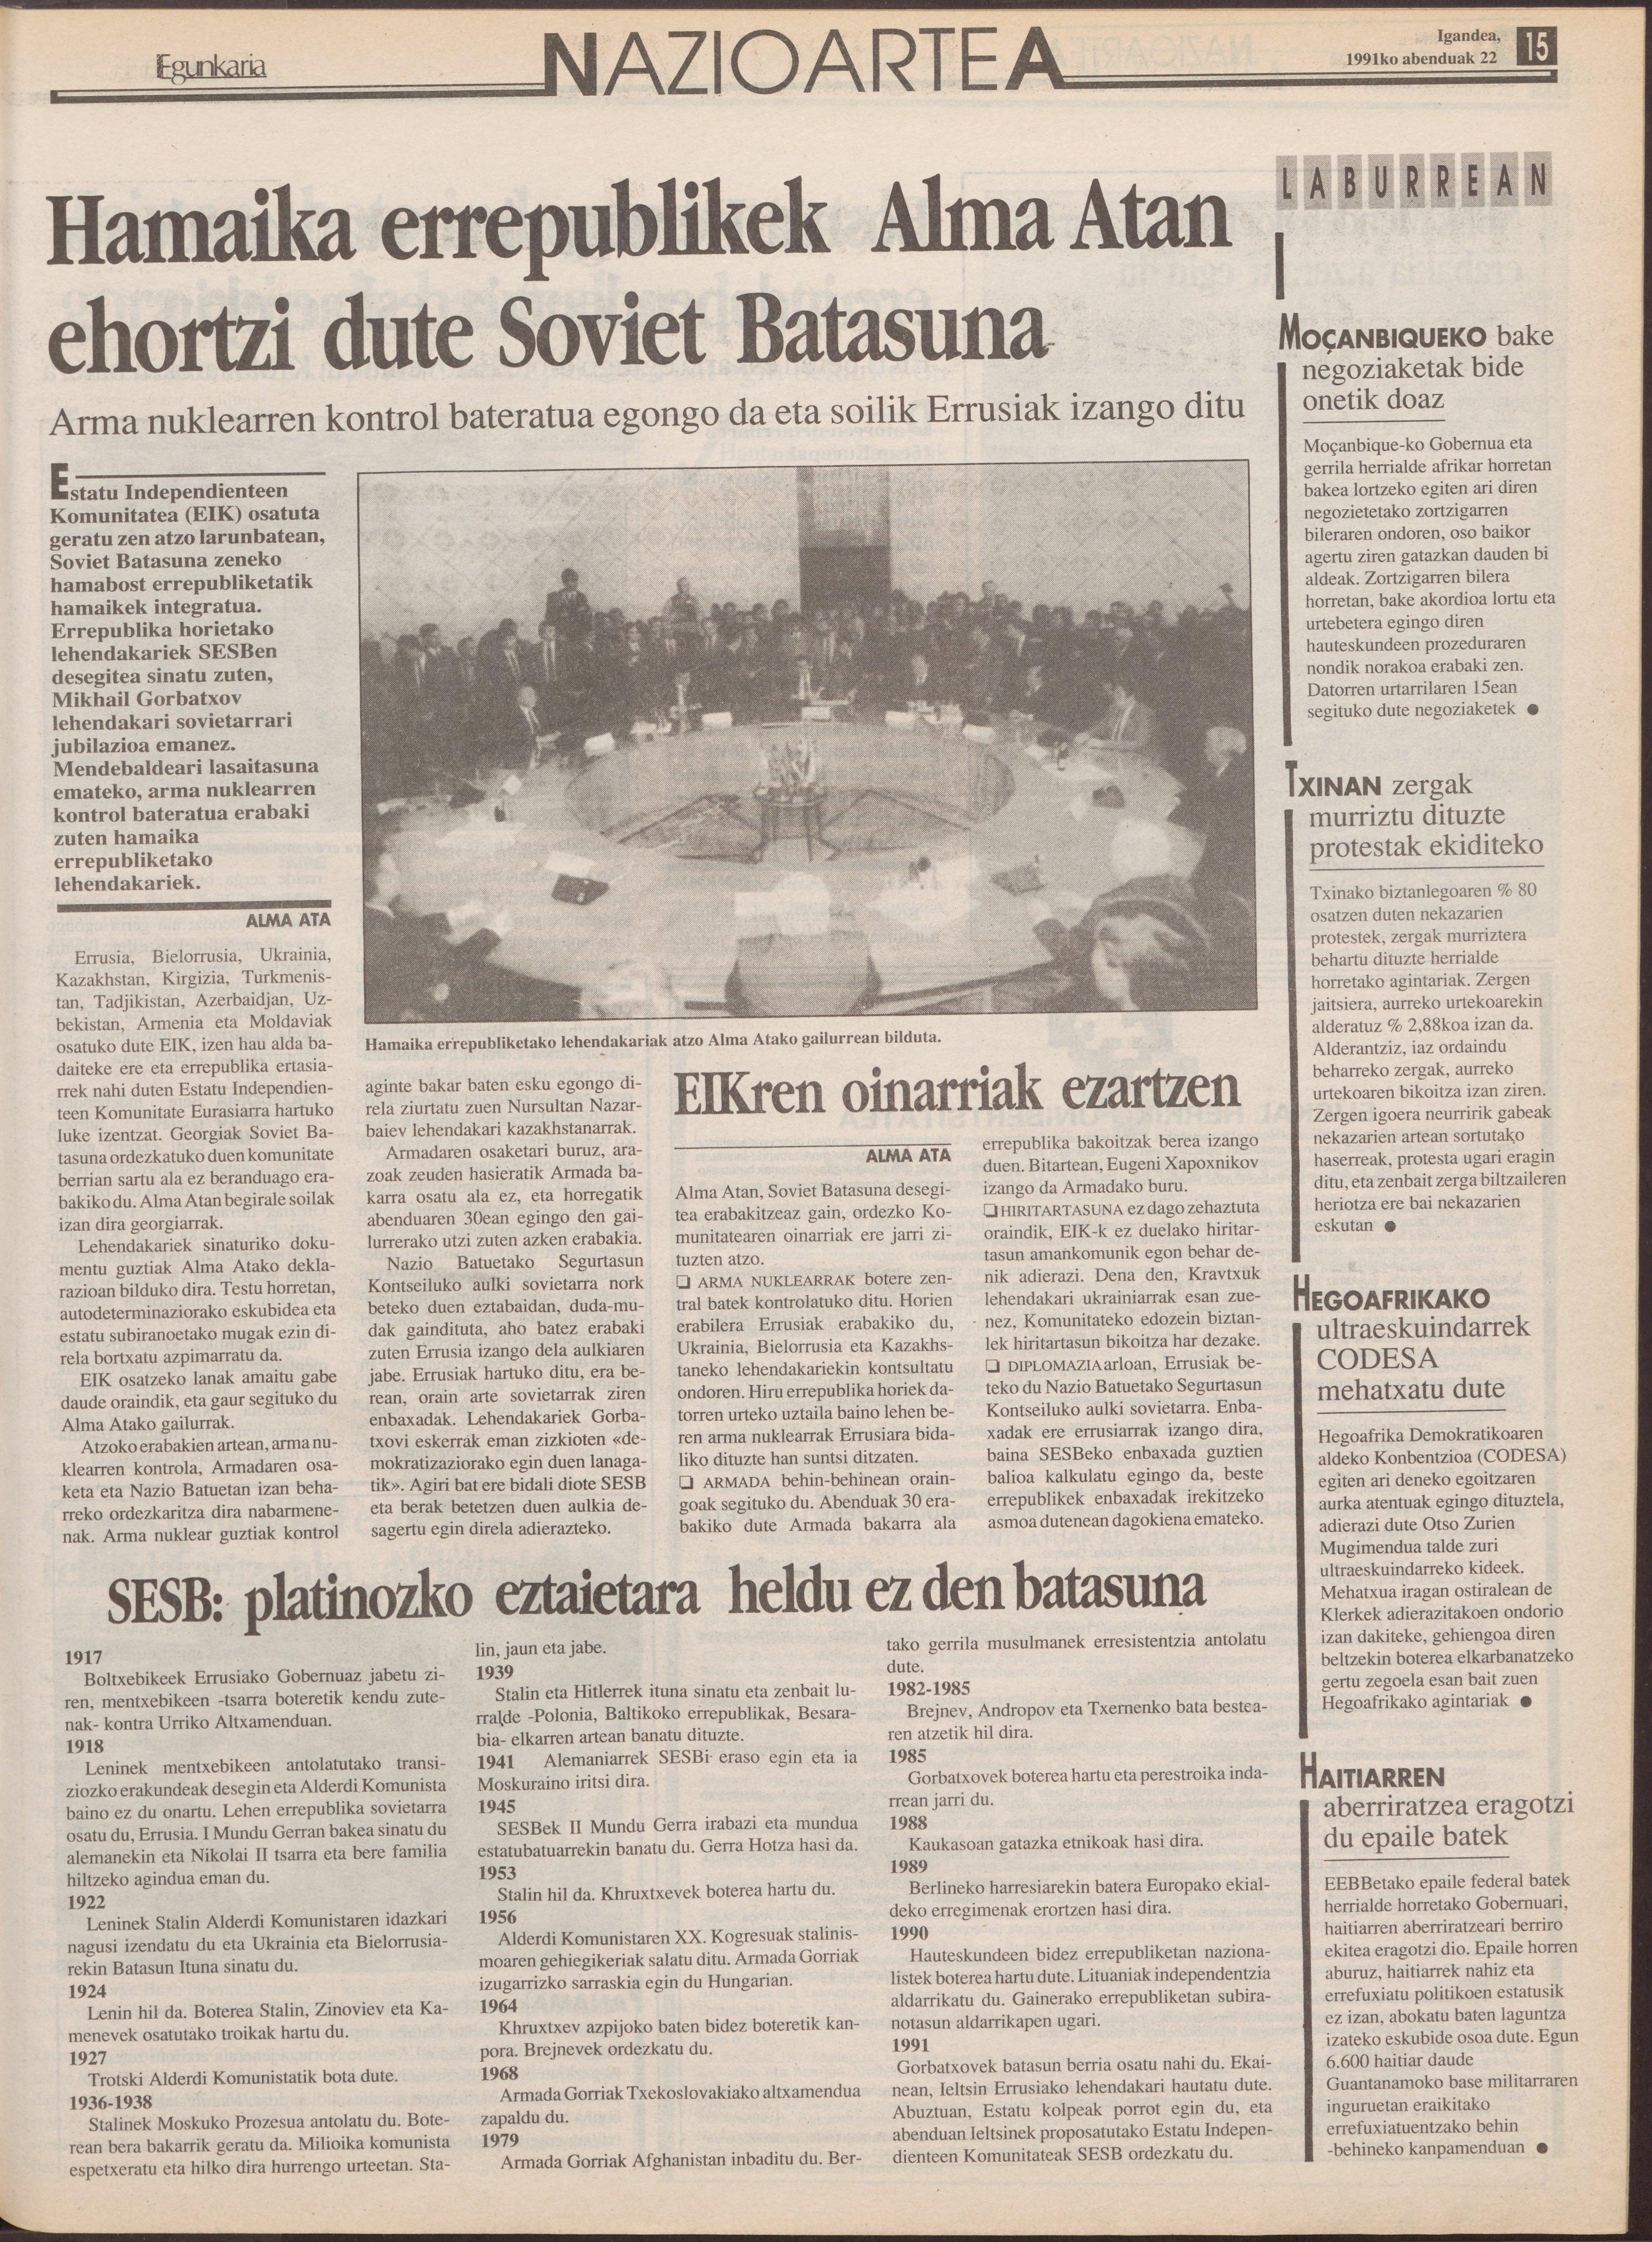 1991ko abenduak 22, 15. orrialdea